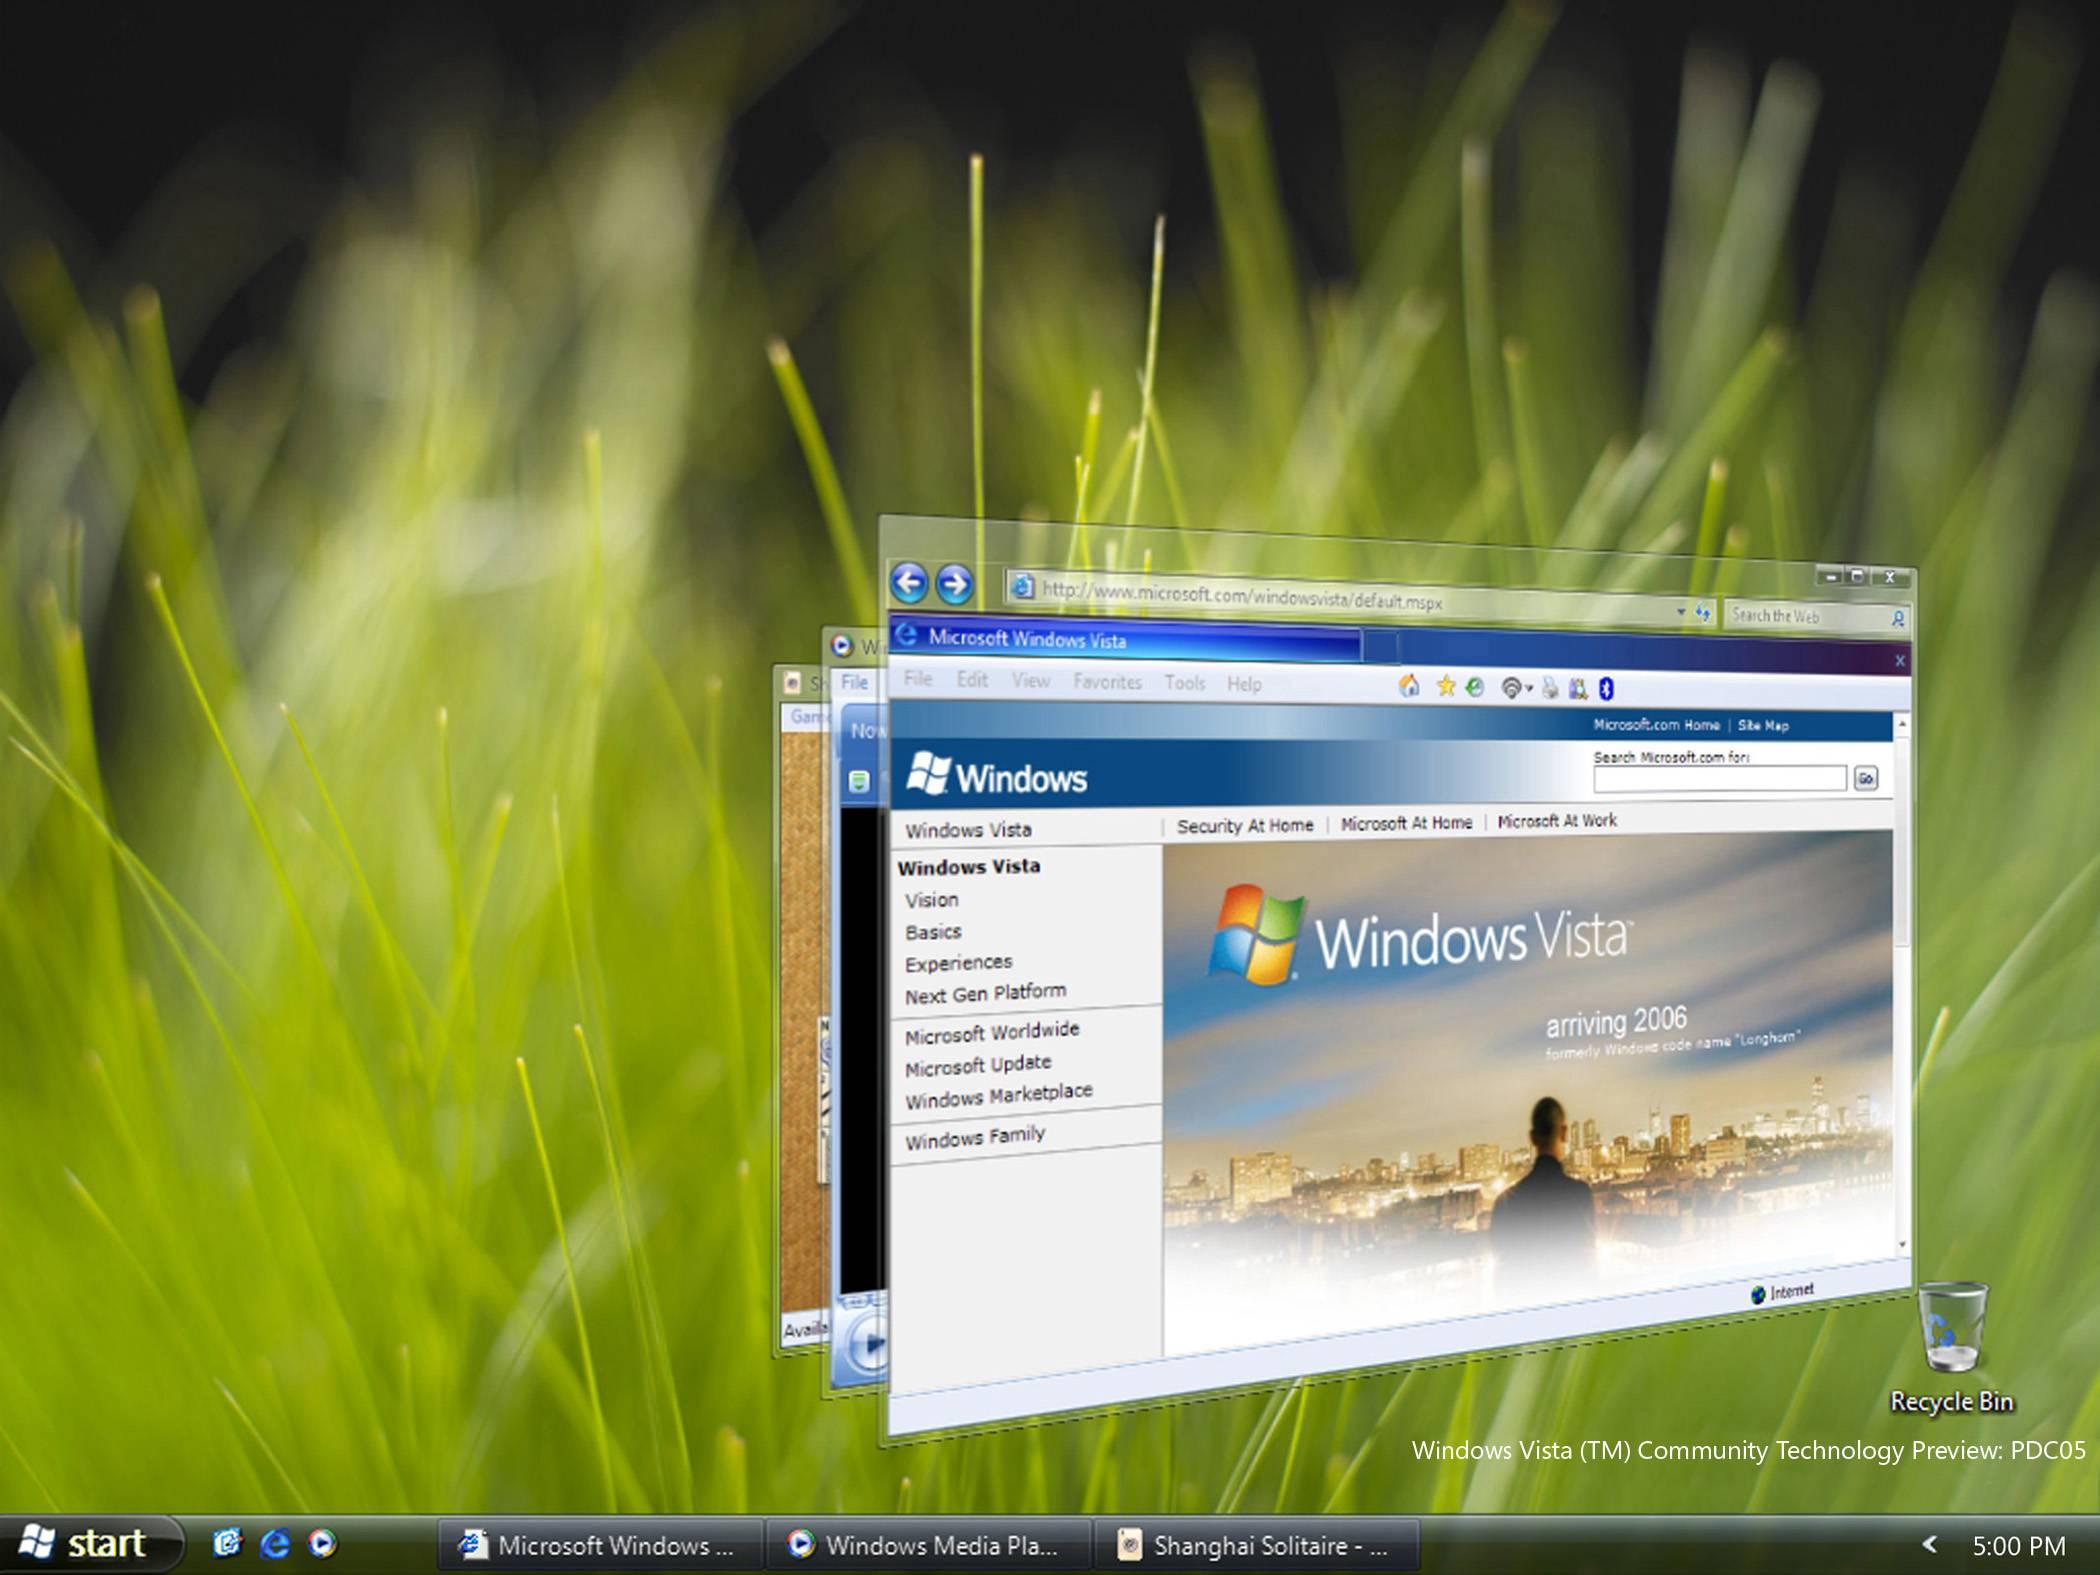 Windows Vista View